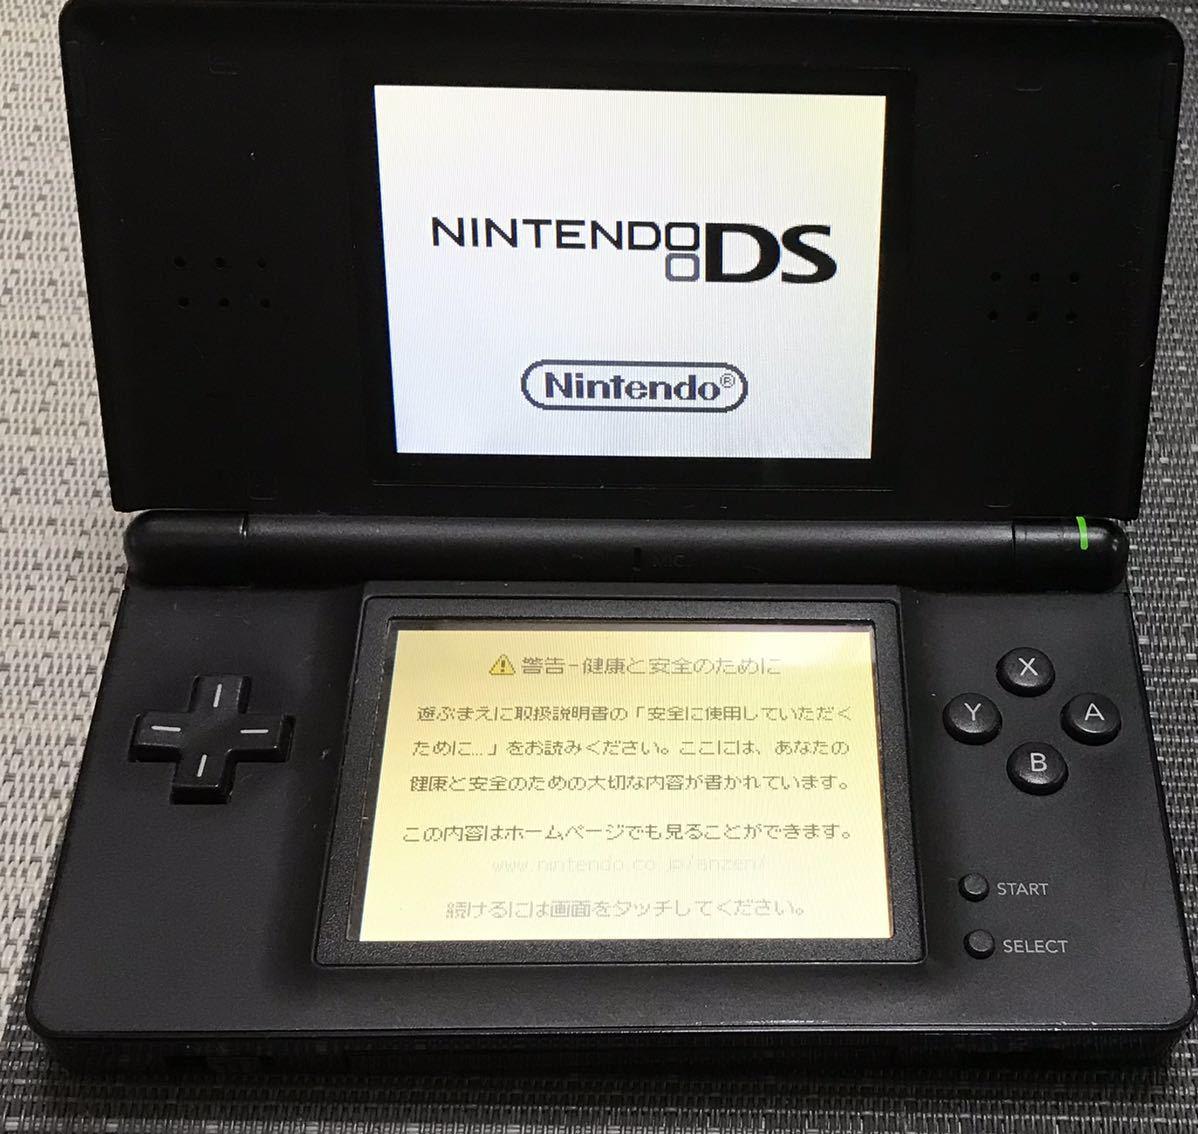 【動作確認済み】 NINTENDO DS ニンテント-DS LITE ブラック